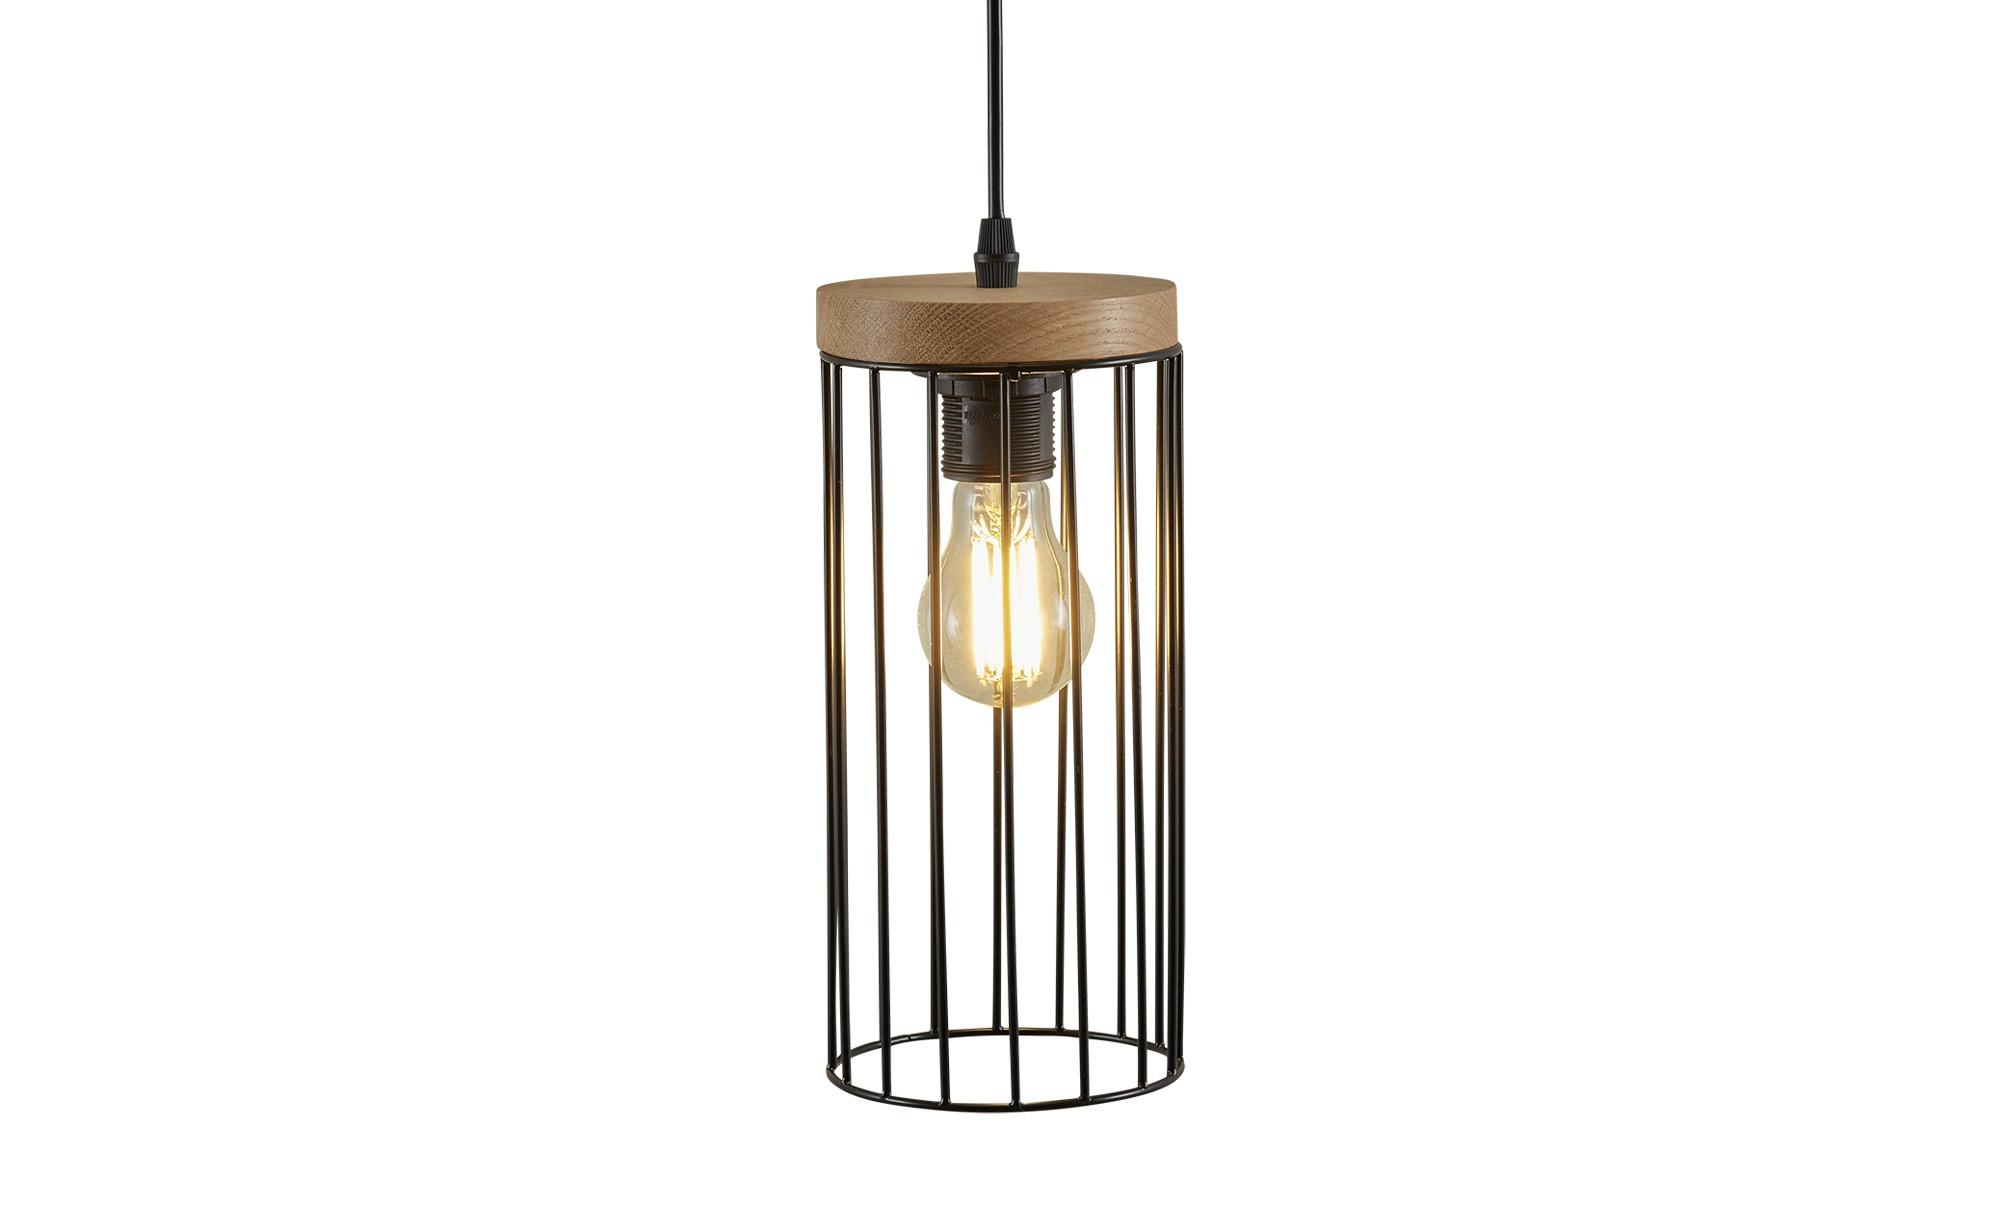 Pendelleuchte, 1-flammig, Eiche/Metall schwarz ¦ holzfarben ¦ Maße (cm): H: 110 Ø: 12 Lampen & Leuchten > Innenleuchten > Pendelleuchten - Höffner